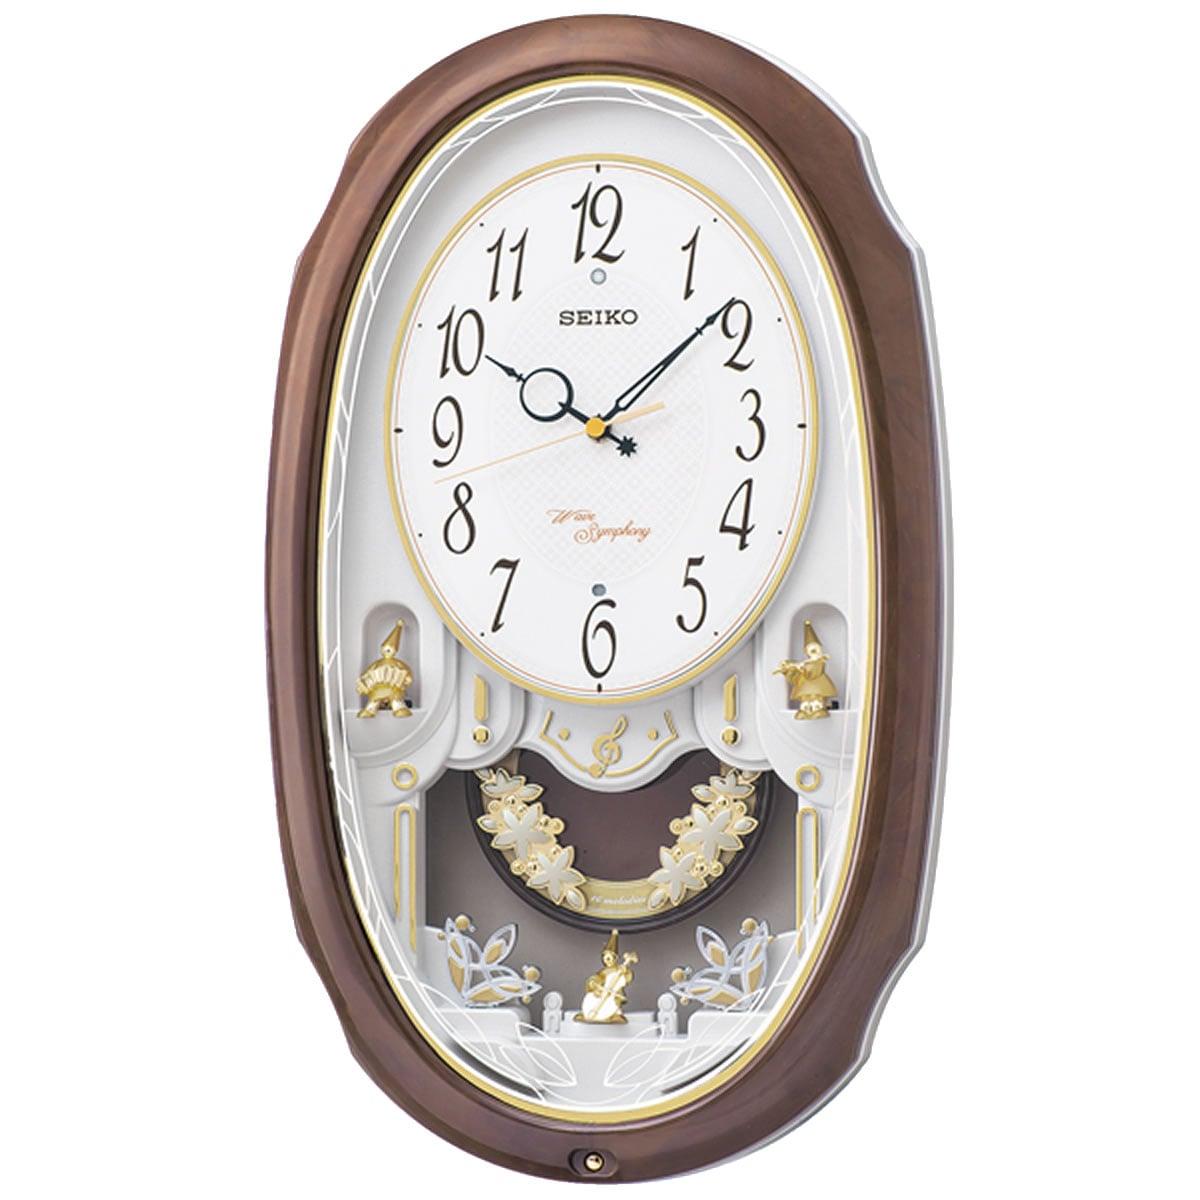 SEIKO セイコー 電波アミューズ掛け時計 ウェーブシンフォニー 【AM260A】